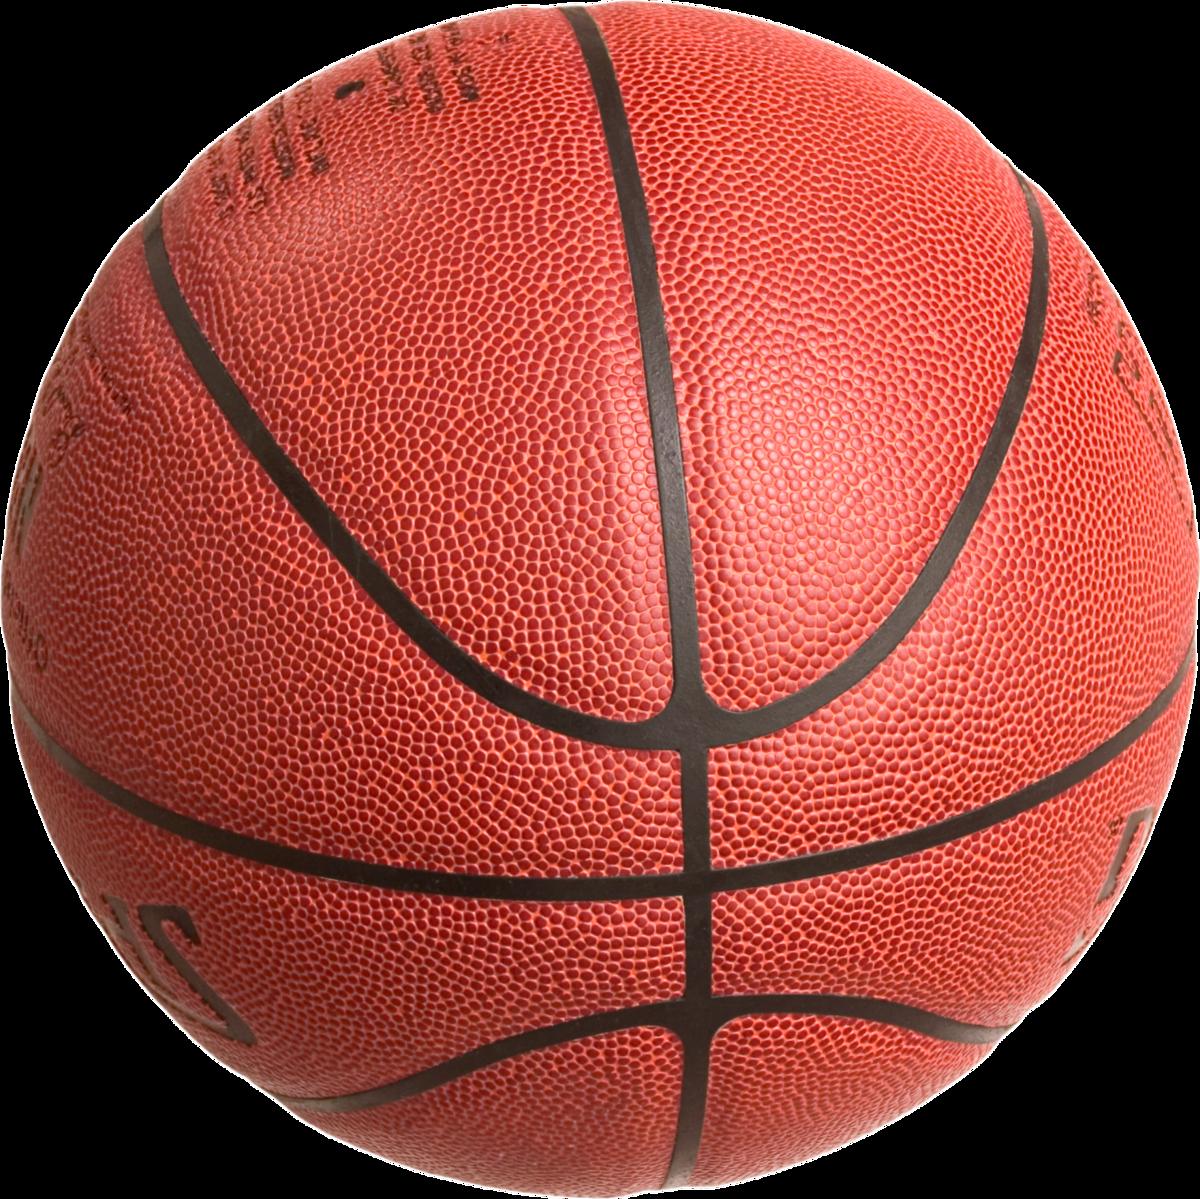 Ballon De Basket Ball Wikipedia